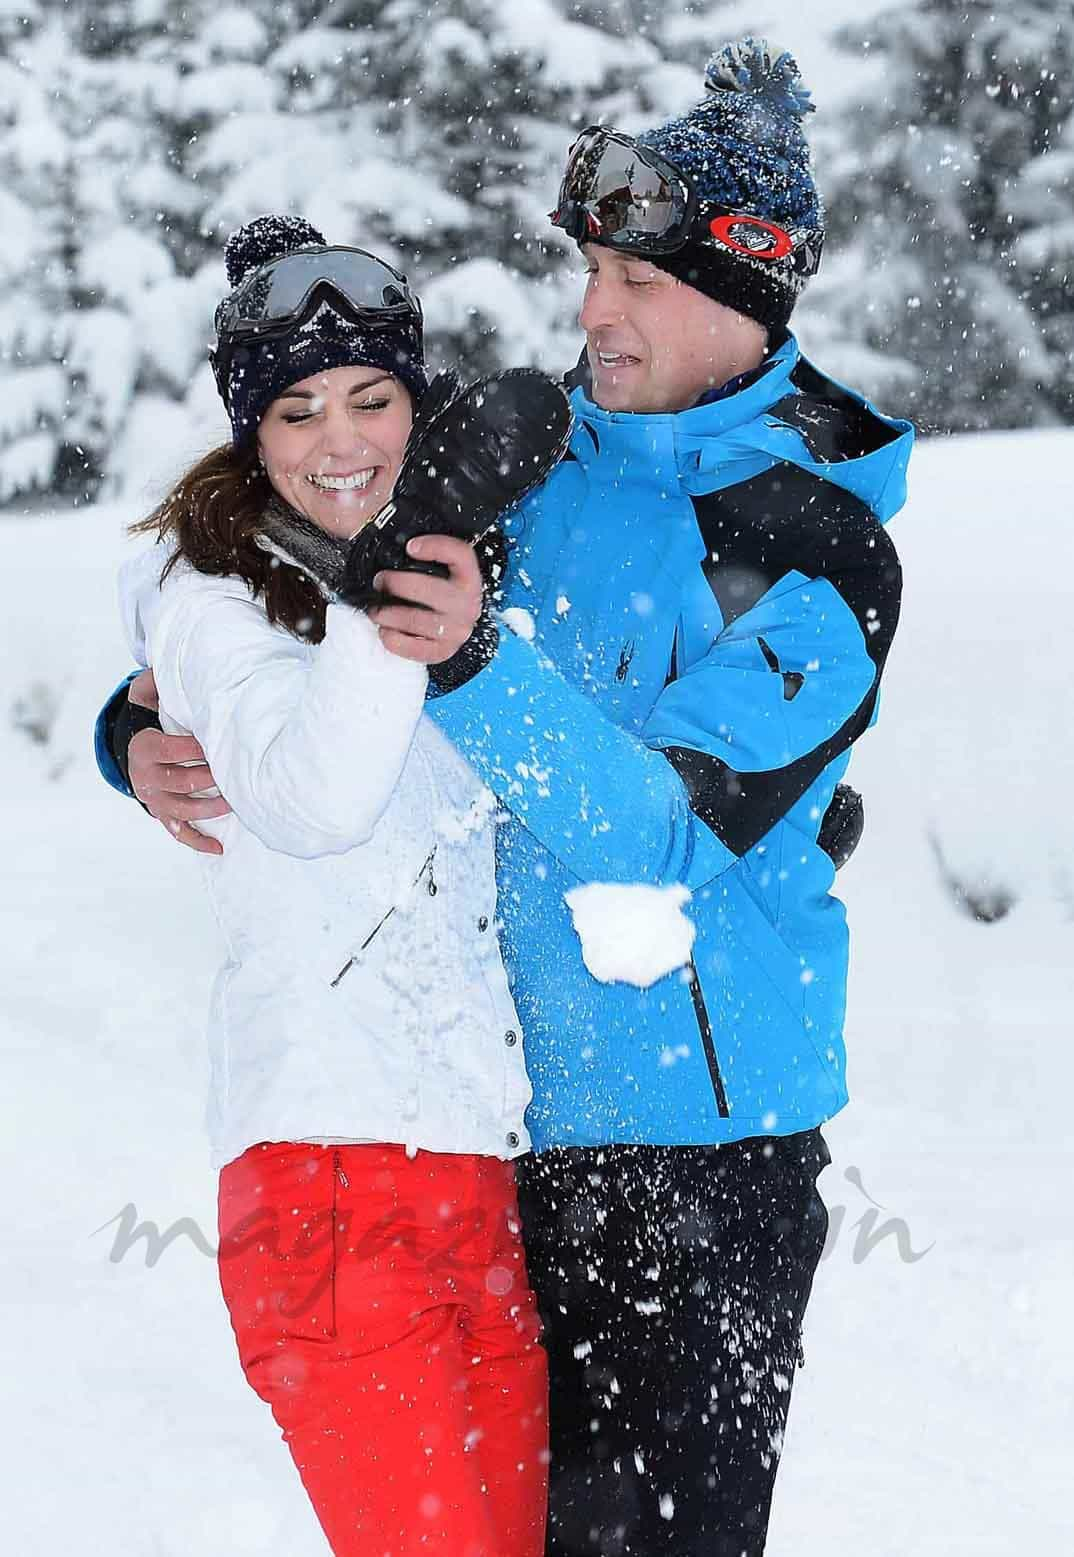 duaues de cambridge vacaciones en la nieve